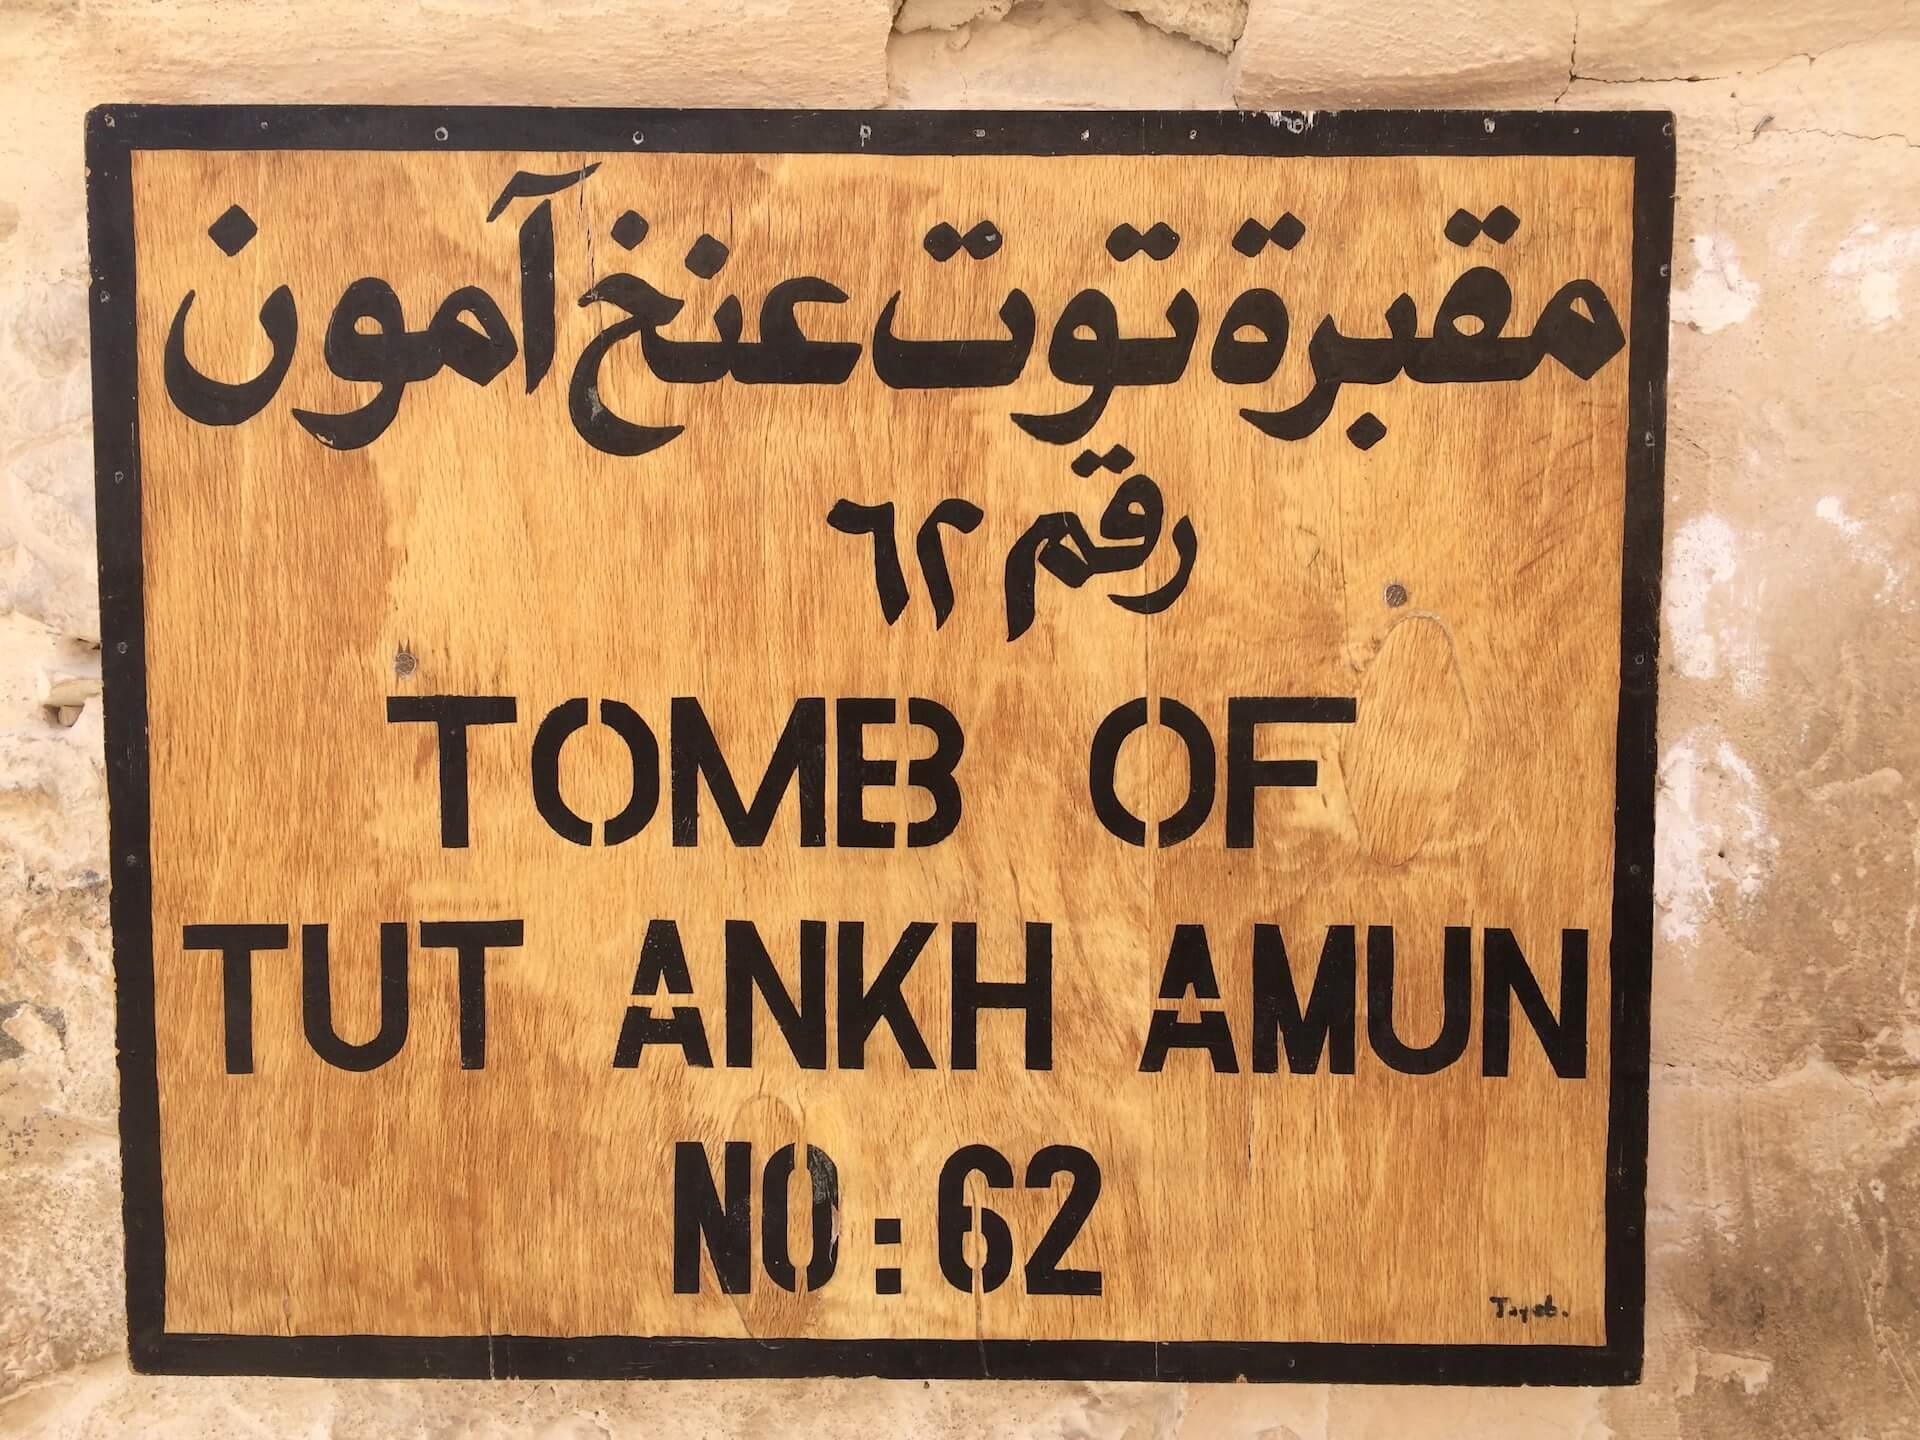 La tumba de Tutankamon en el Valle de los Reyes